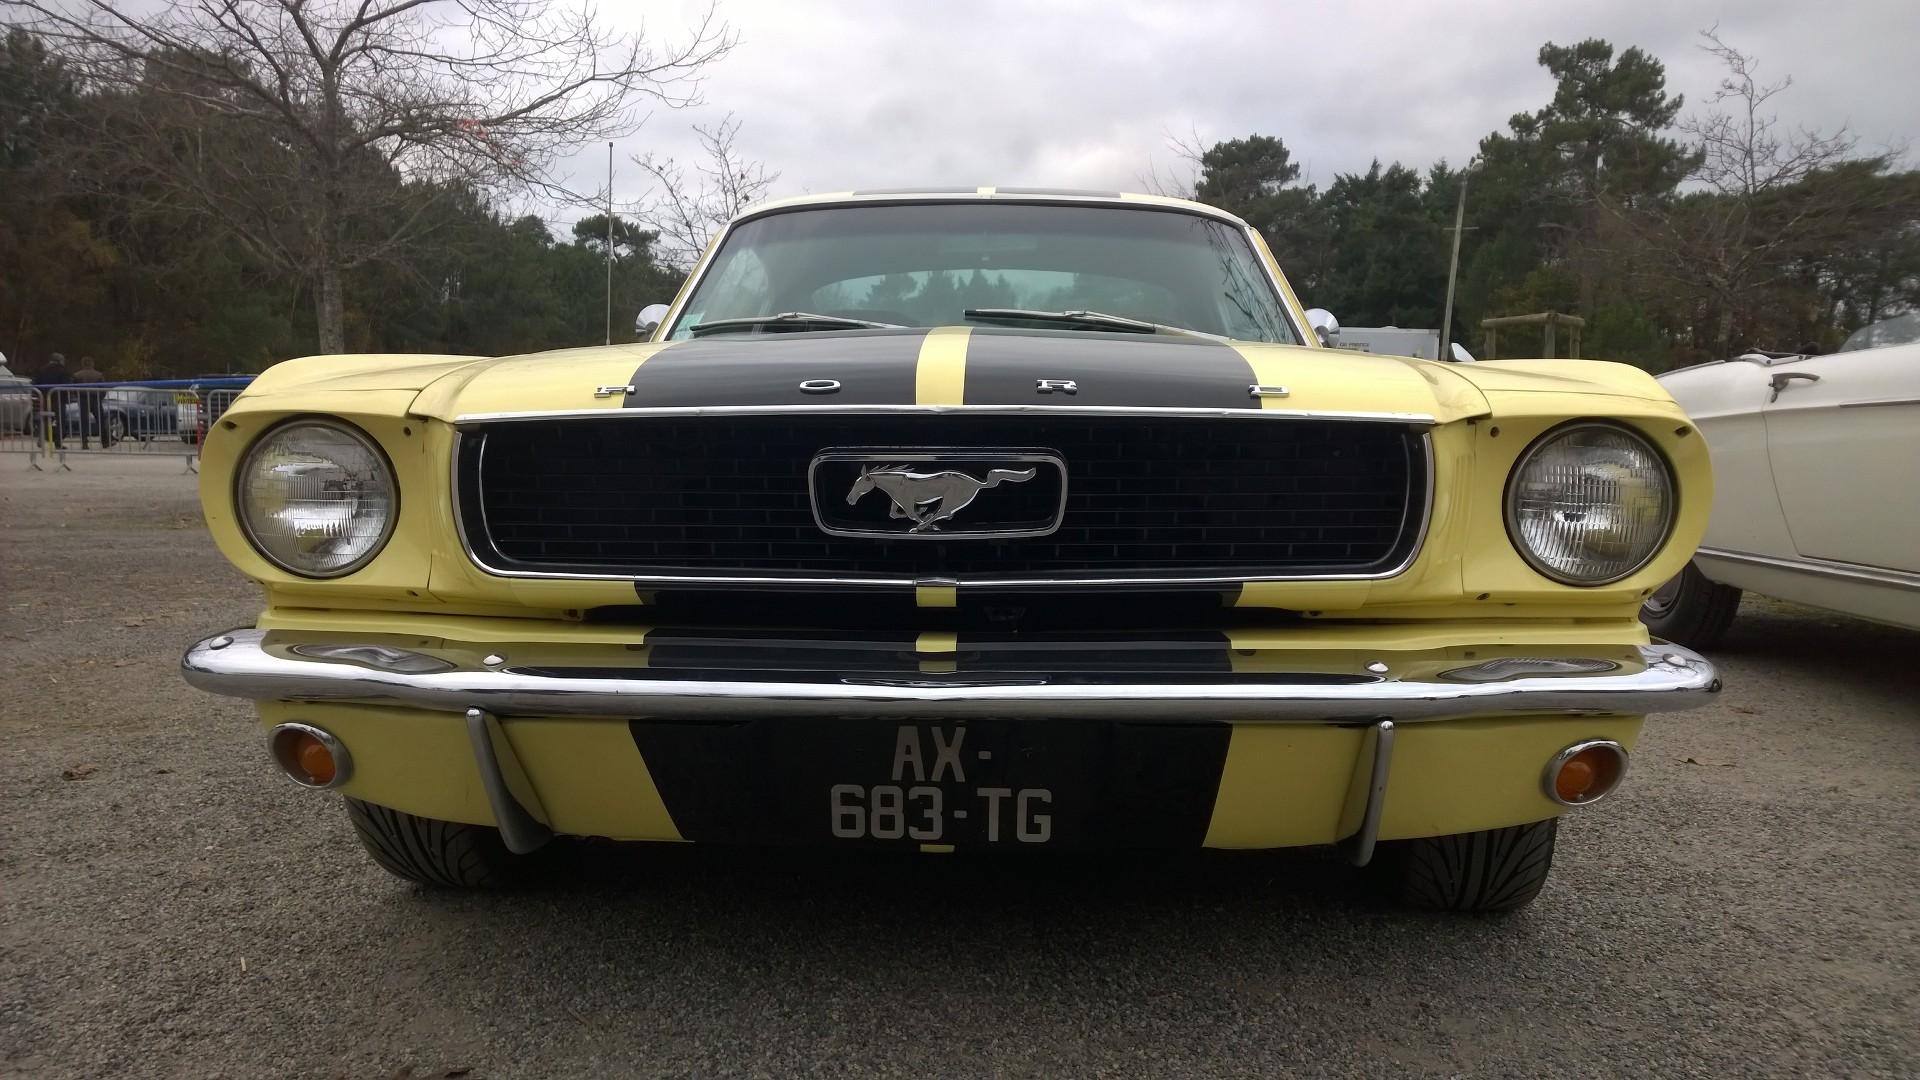 DM - photo - 1960s Mustang - avant / front - Ouest Motors Festival 2015 Lorient